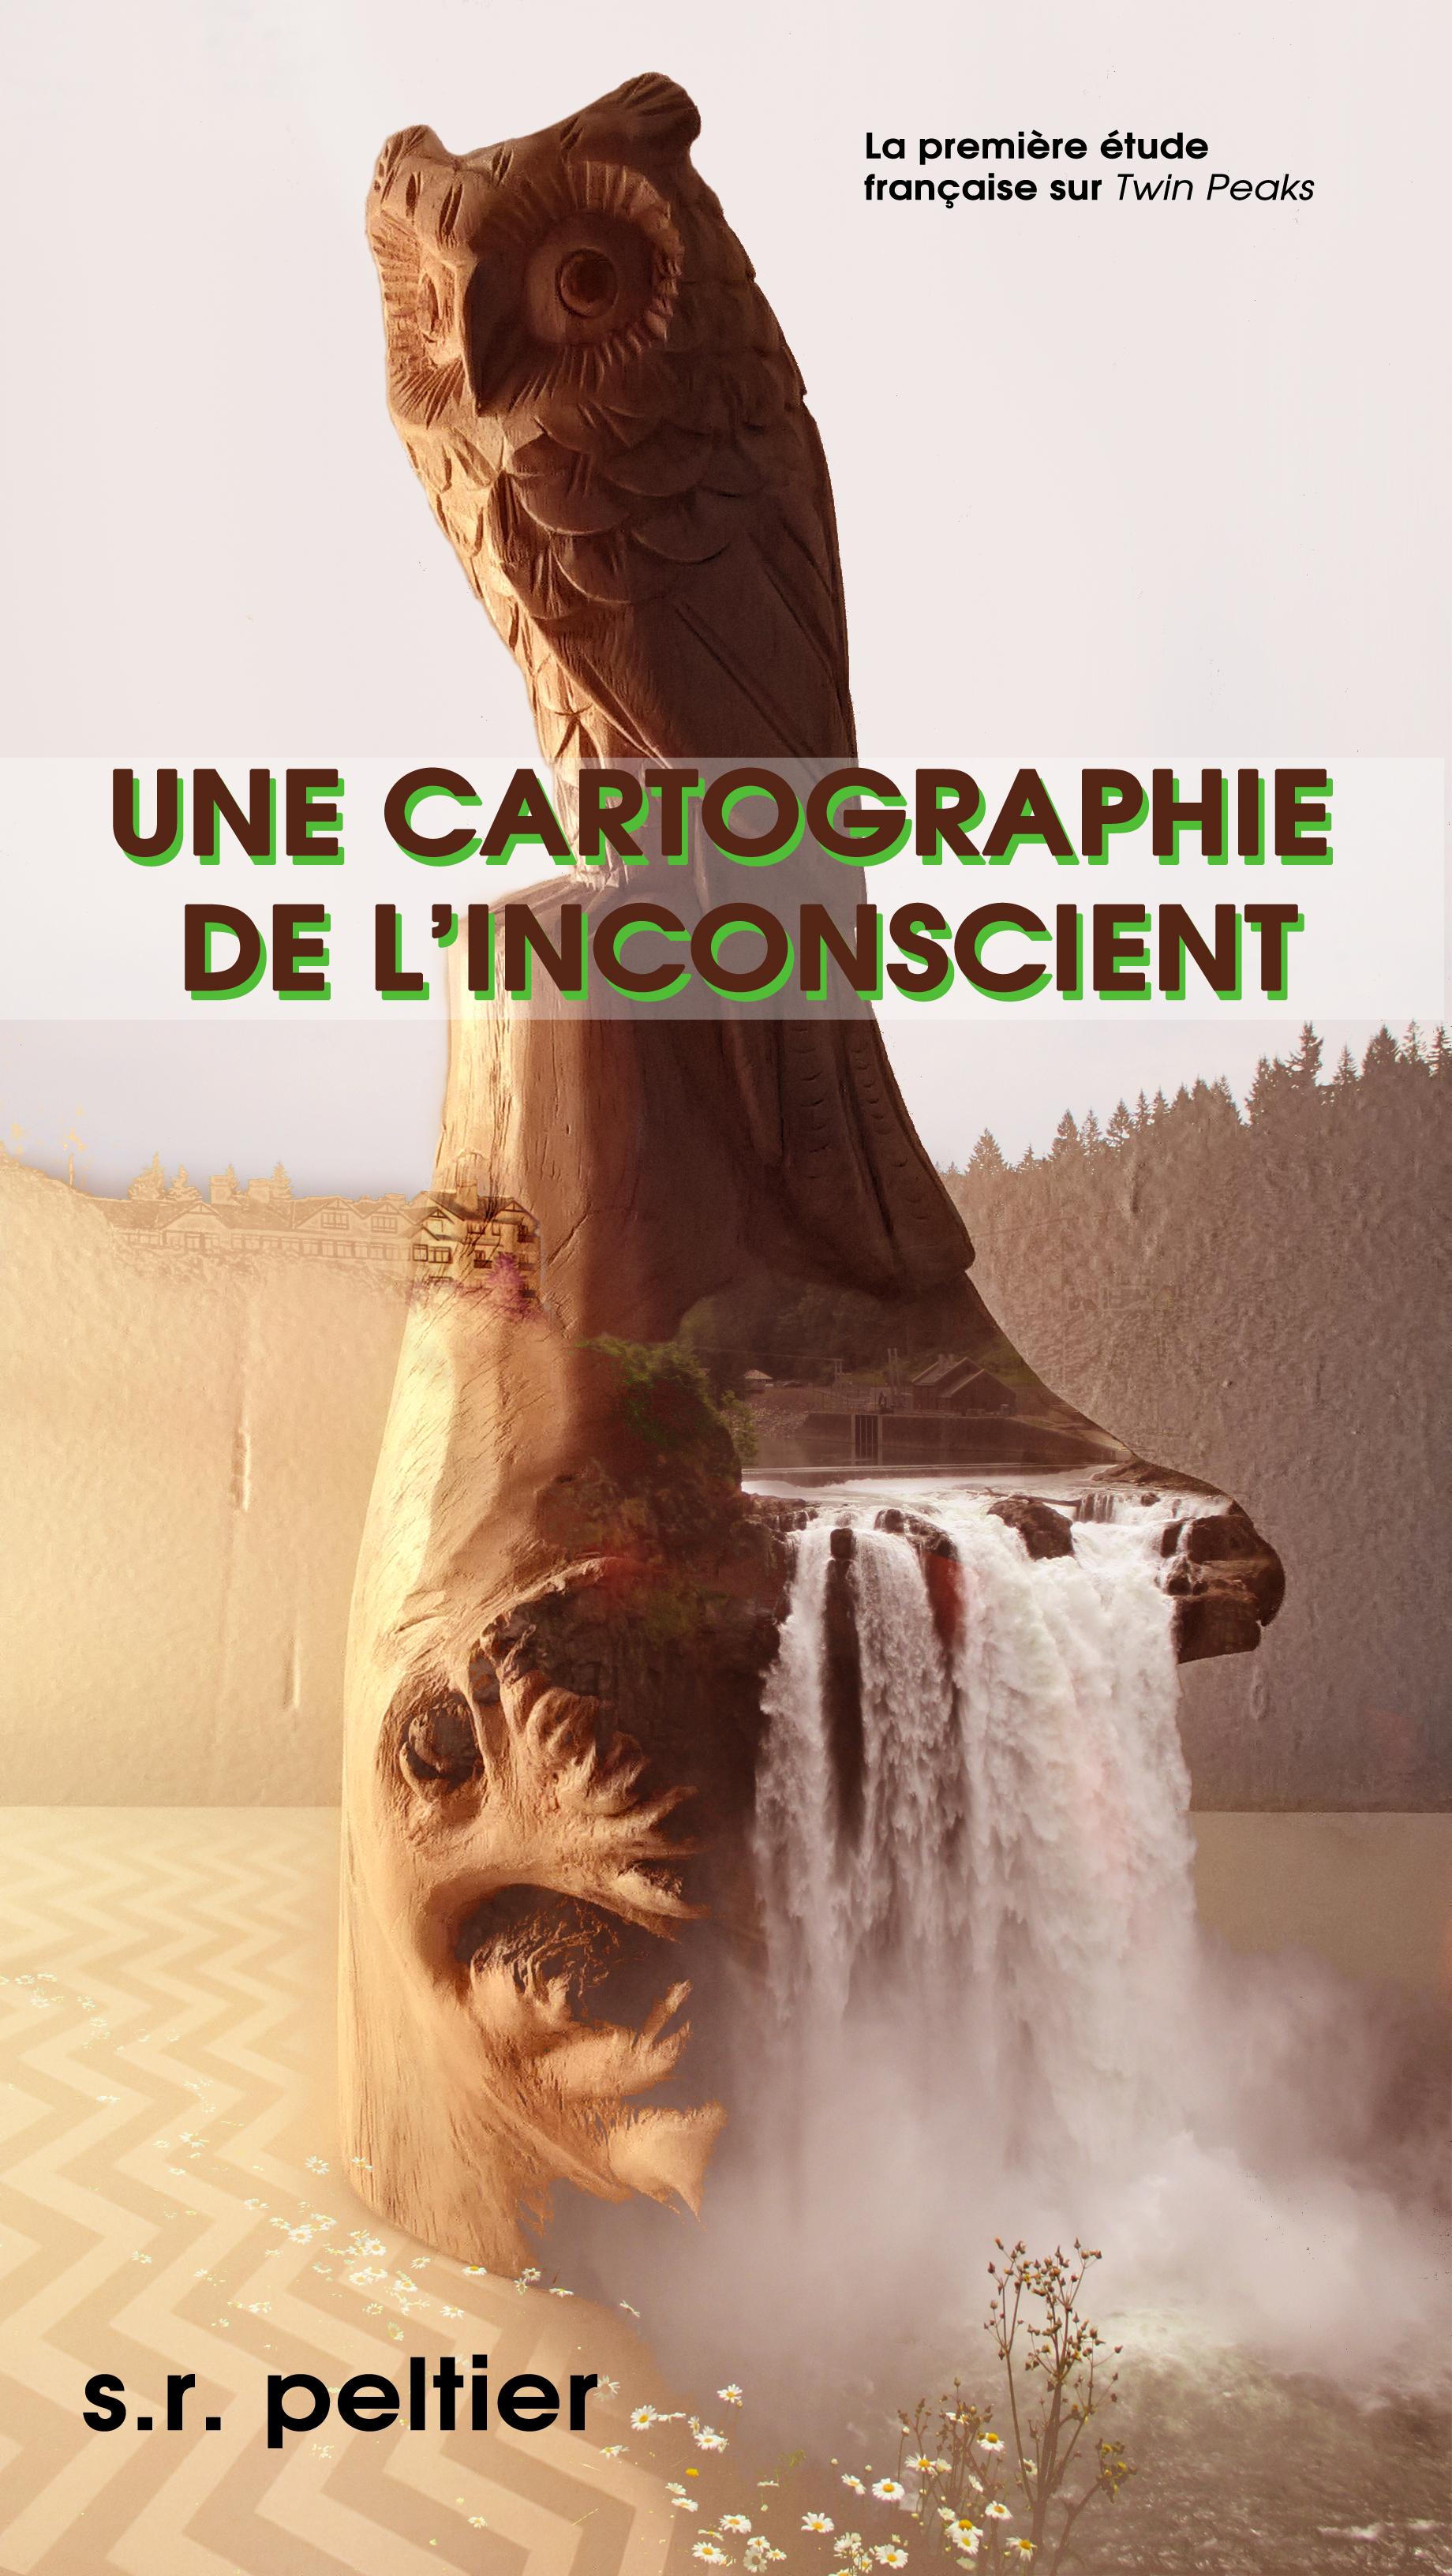 la première étude française sur Twin Peaks